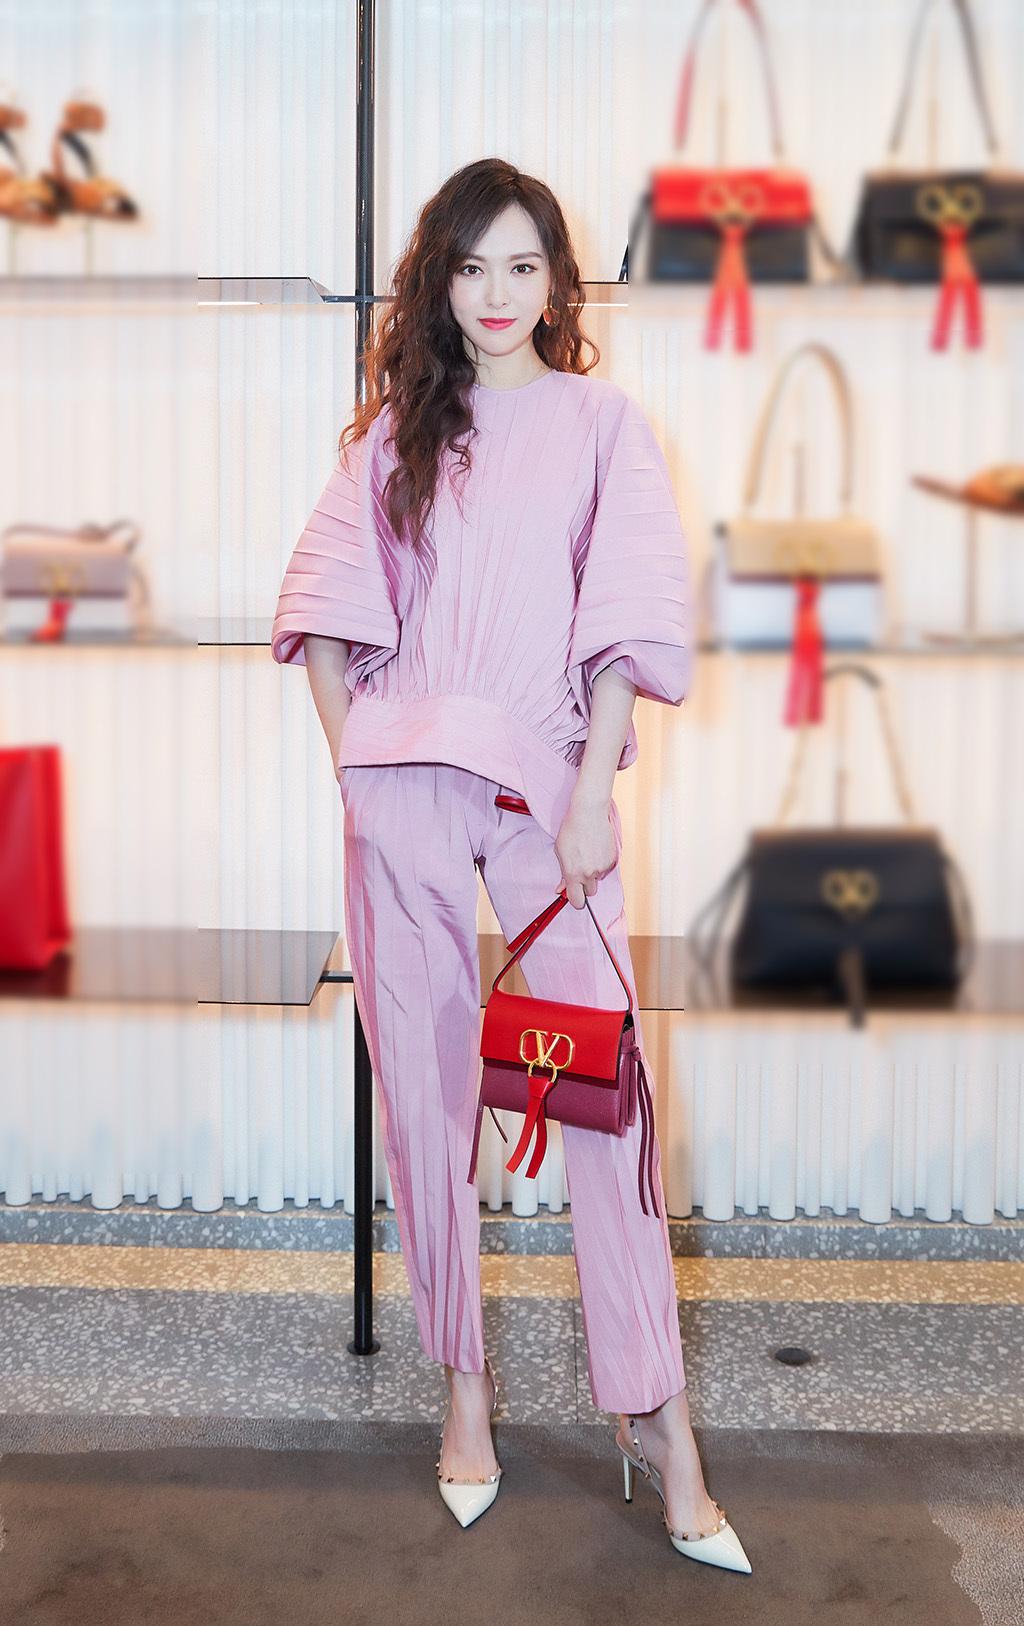 唐嫣穿衣风格很任性,卷发配粉衣,皱巴巴衣服也能穿出女神范!_粉色 时尚生活 第10张